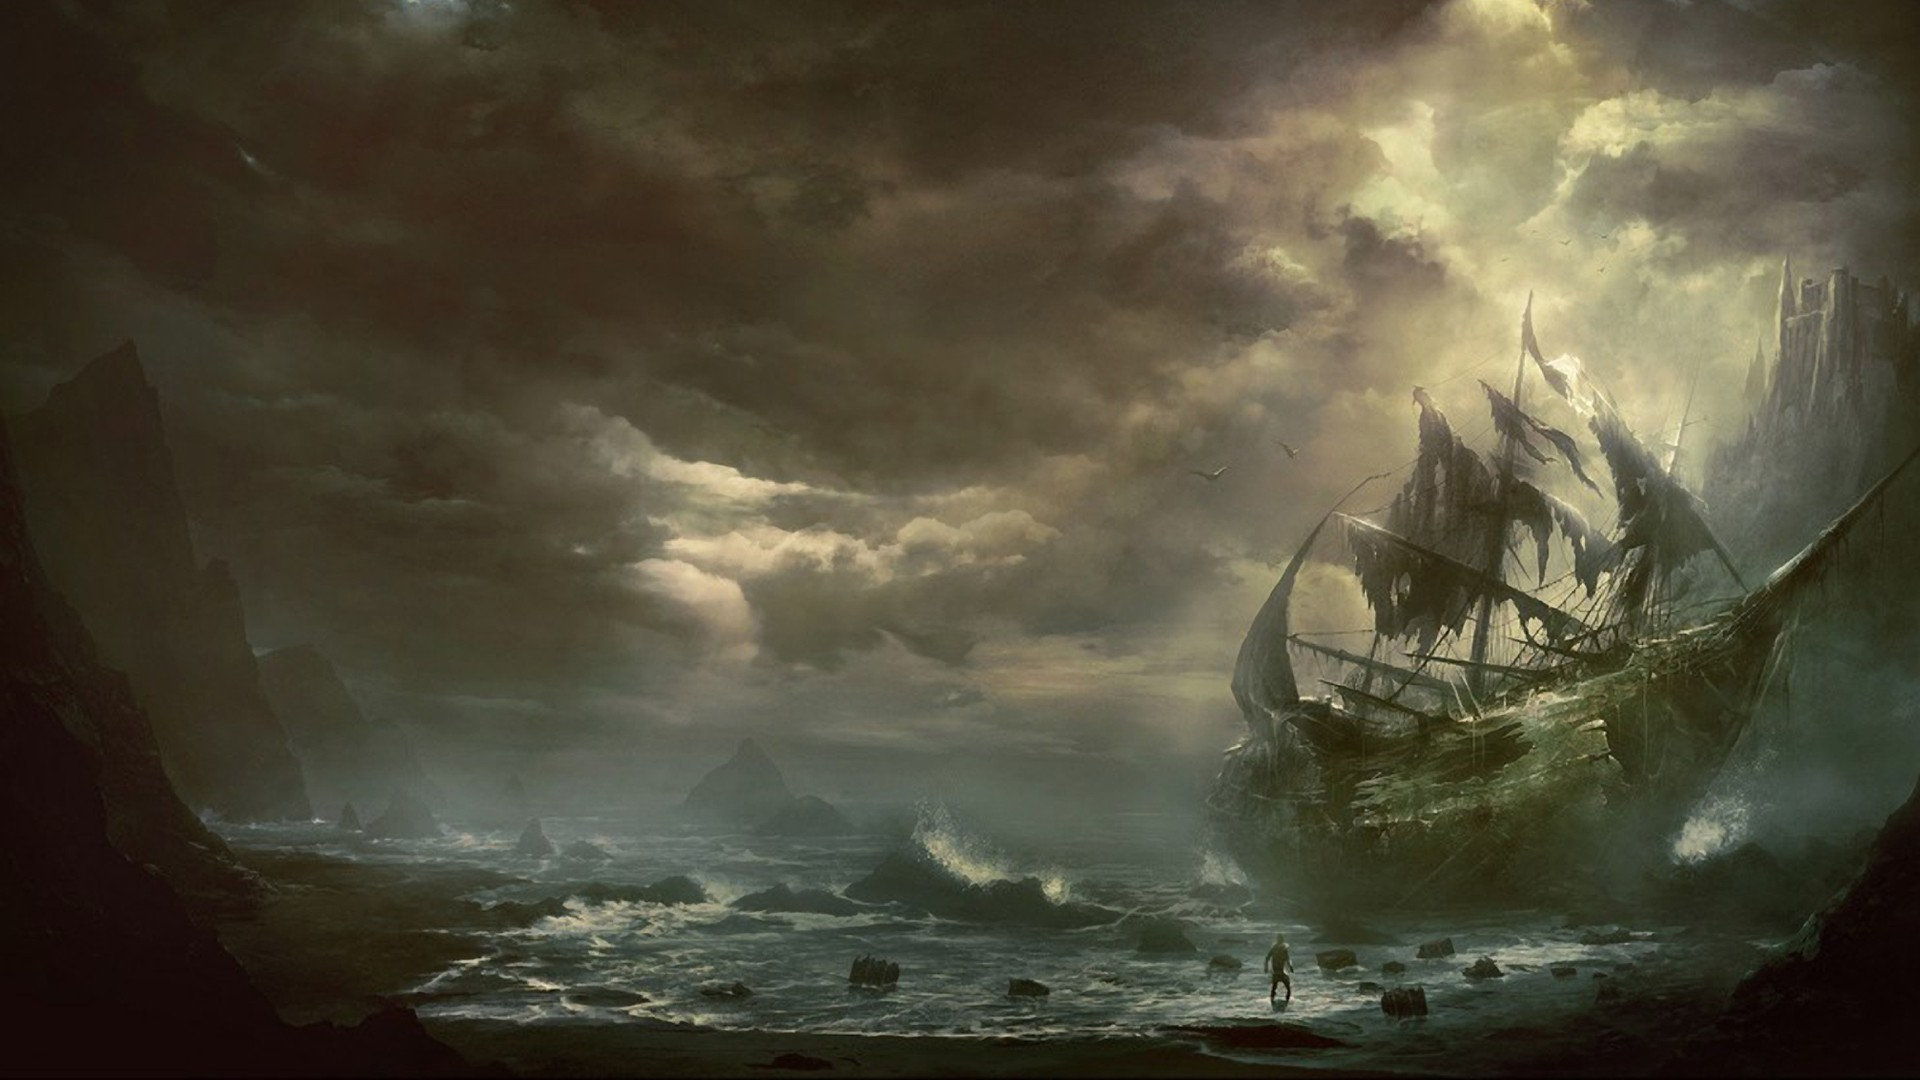 Sea Pirate Wallpapers Best Desktop Wallpaper Pictures